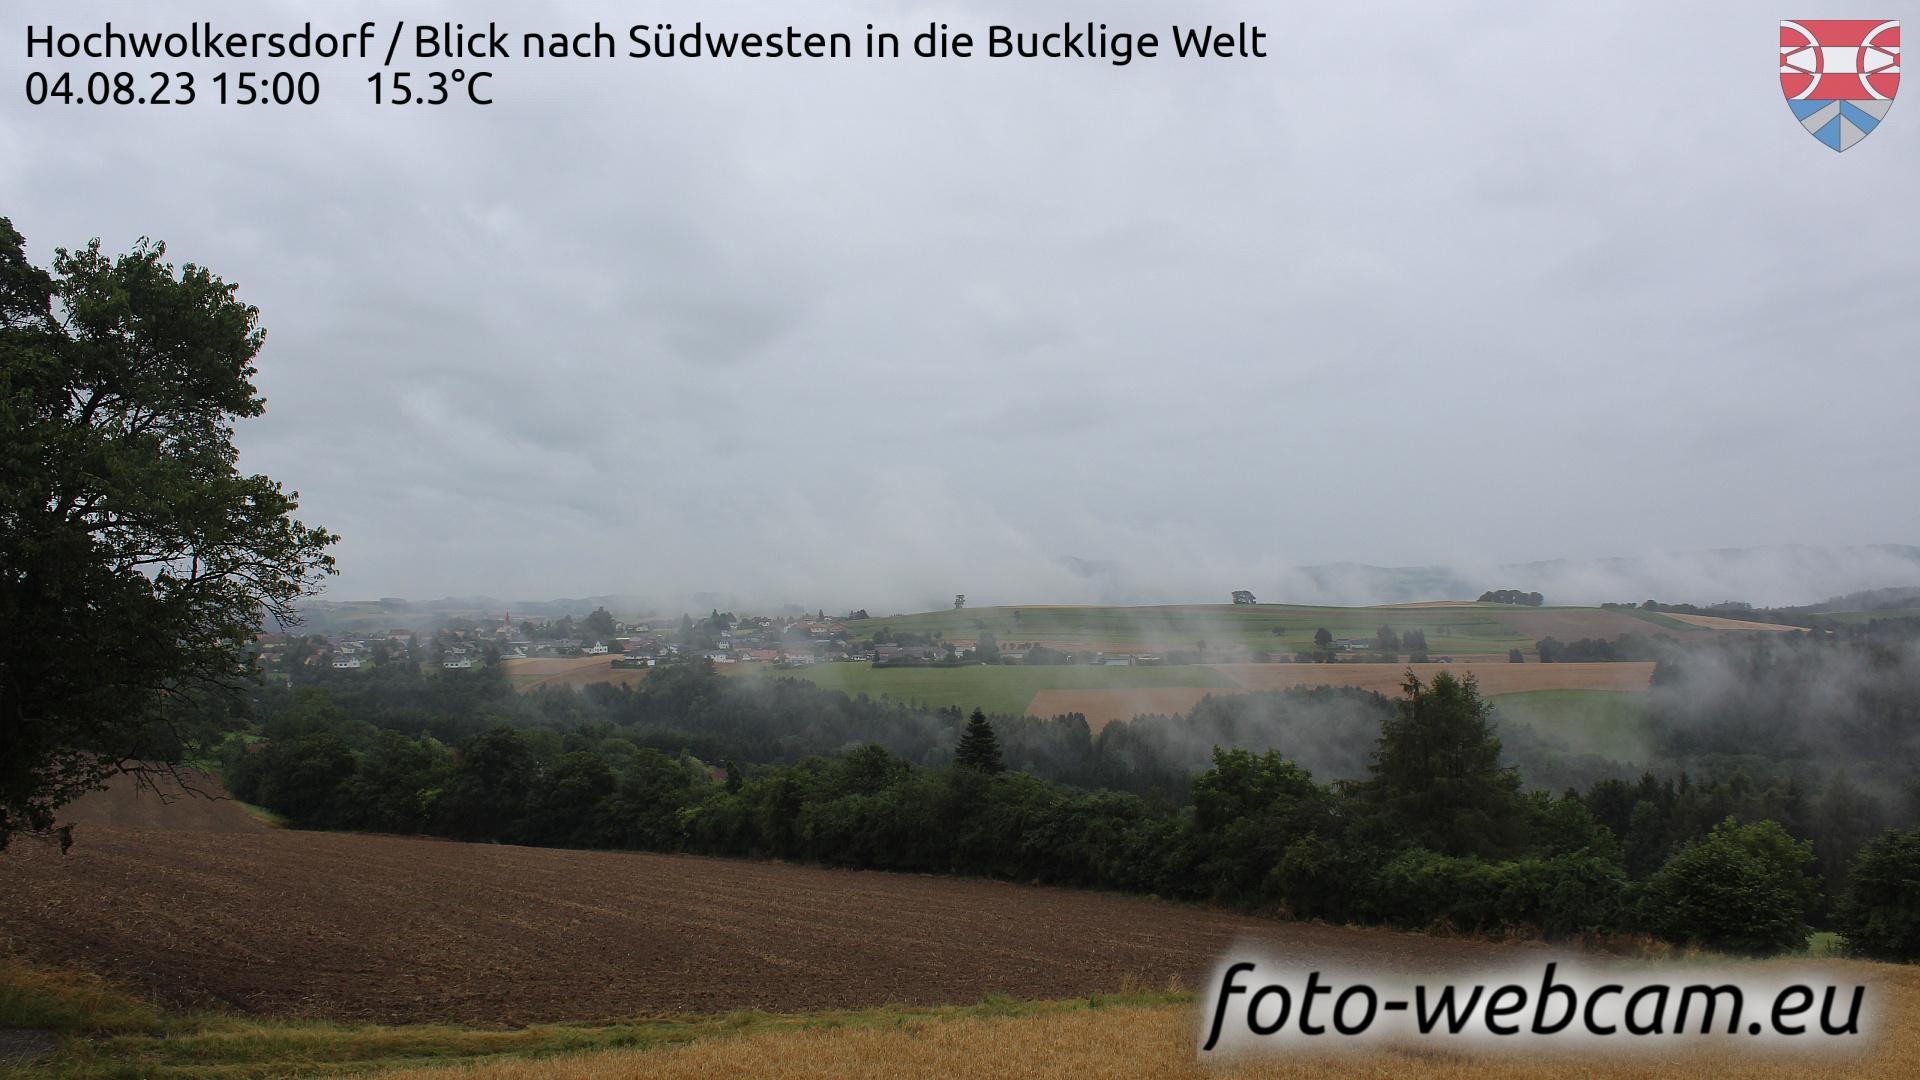 Hochwolkersdorf Tue. 15:09